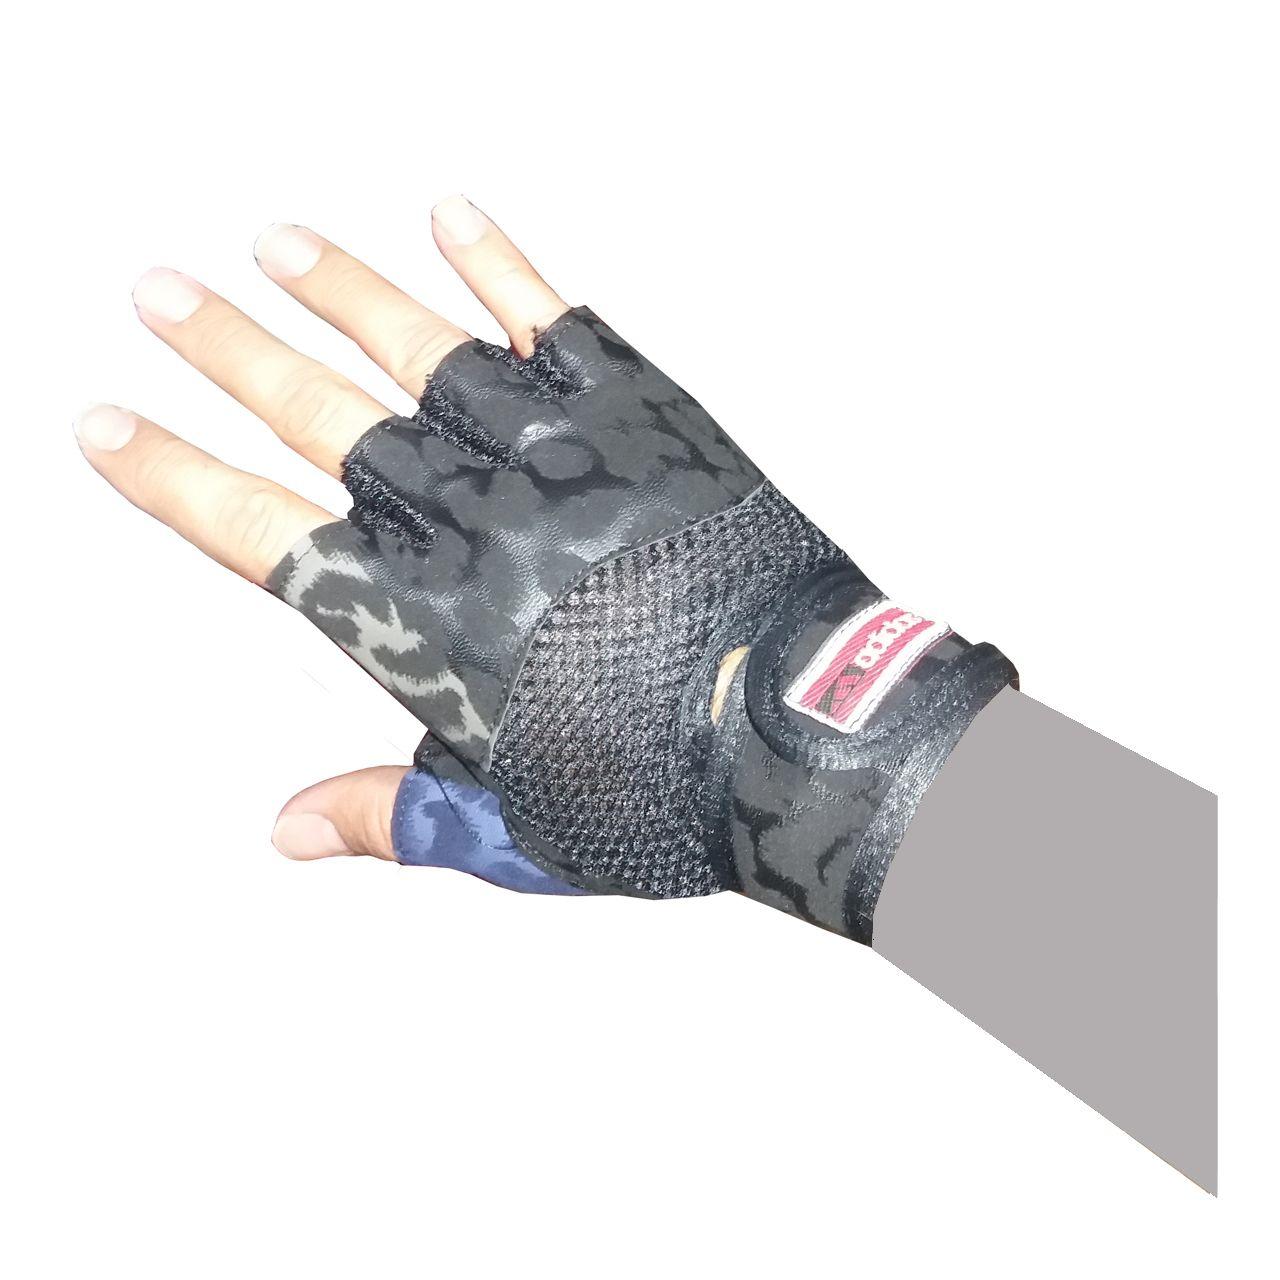 دستکش بدنسازی زنانه مدل اسپرت360 main 1 3